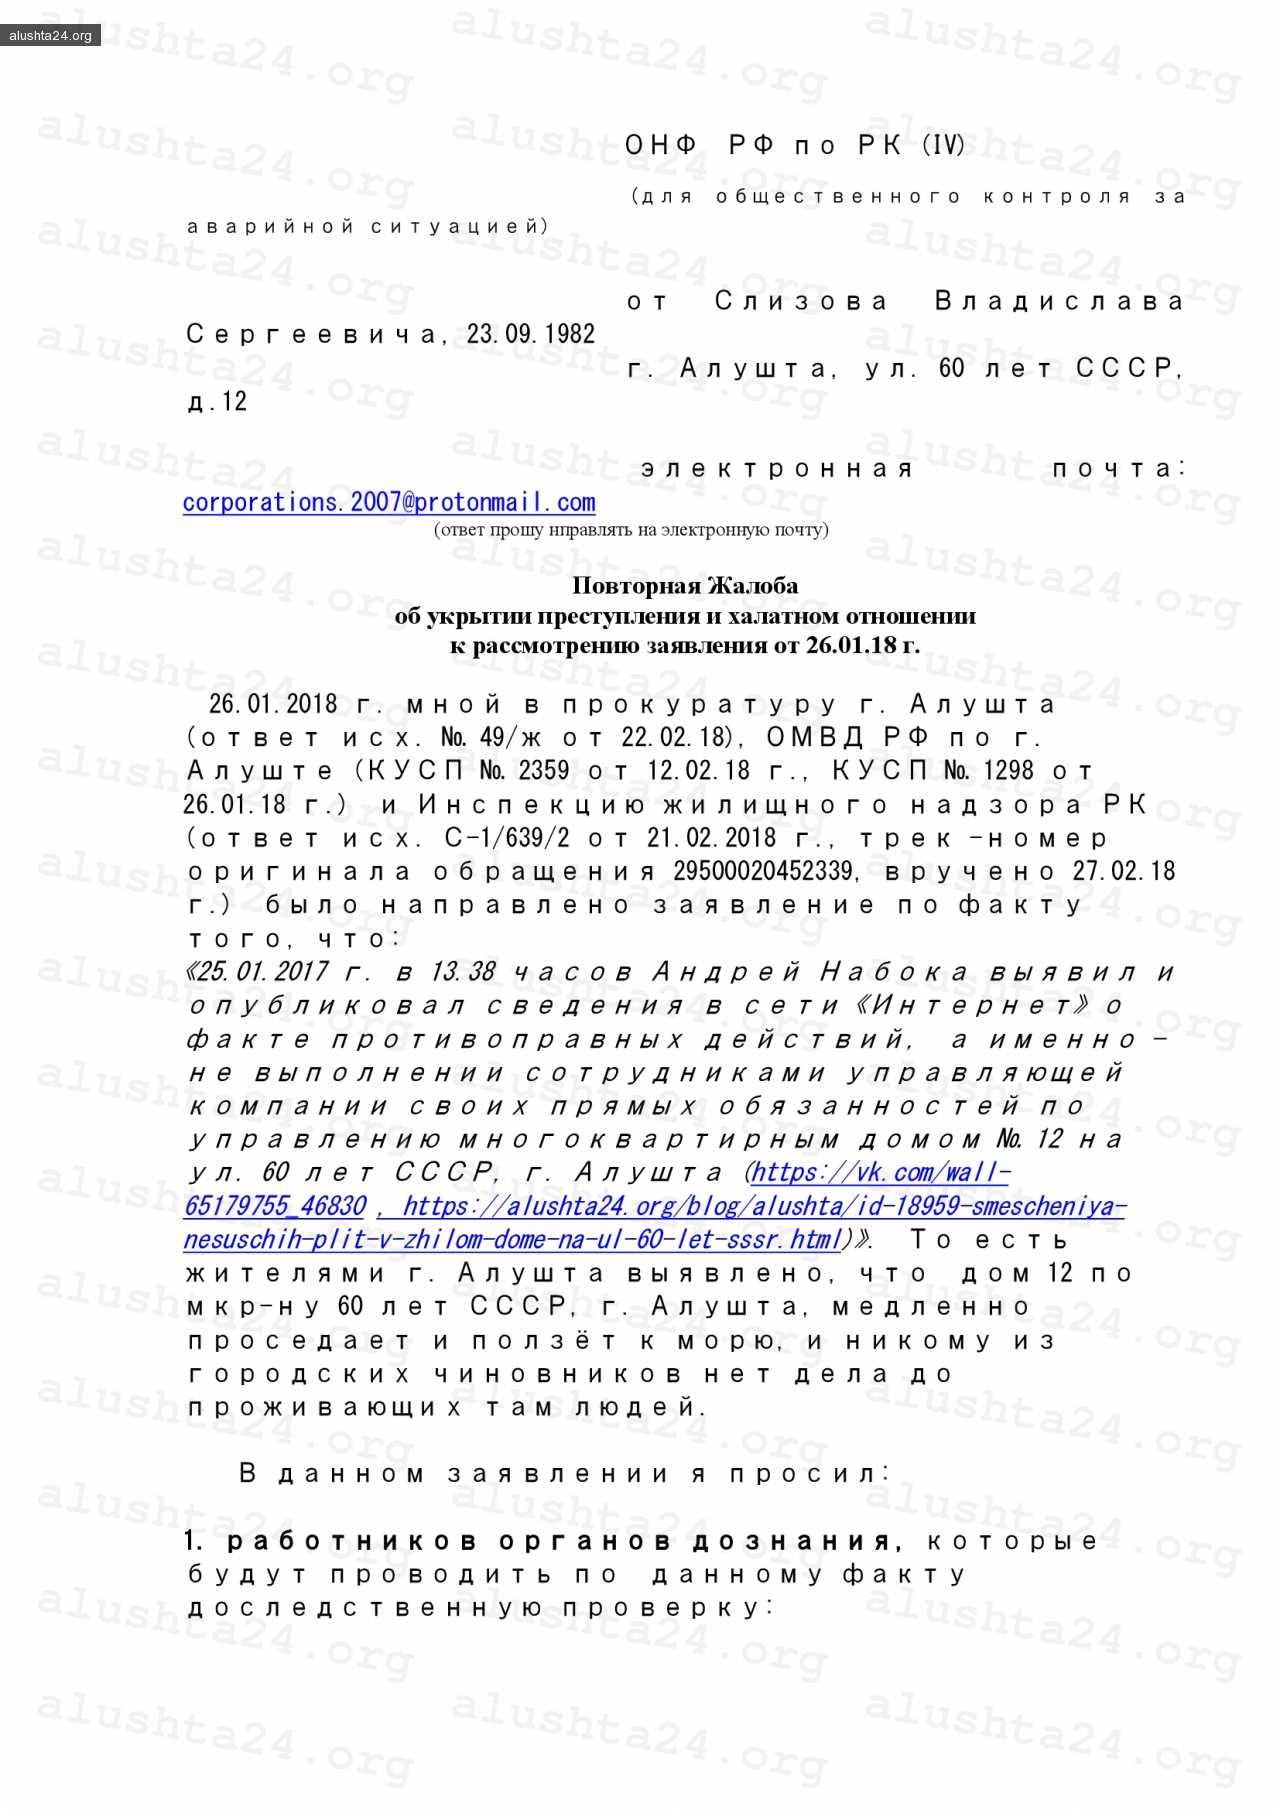 Все об Алуште: Проблема аварийной ситуации в доме № 12 по 60 лет СССР остается открытой